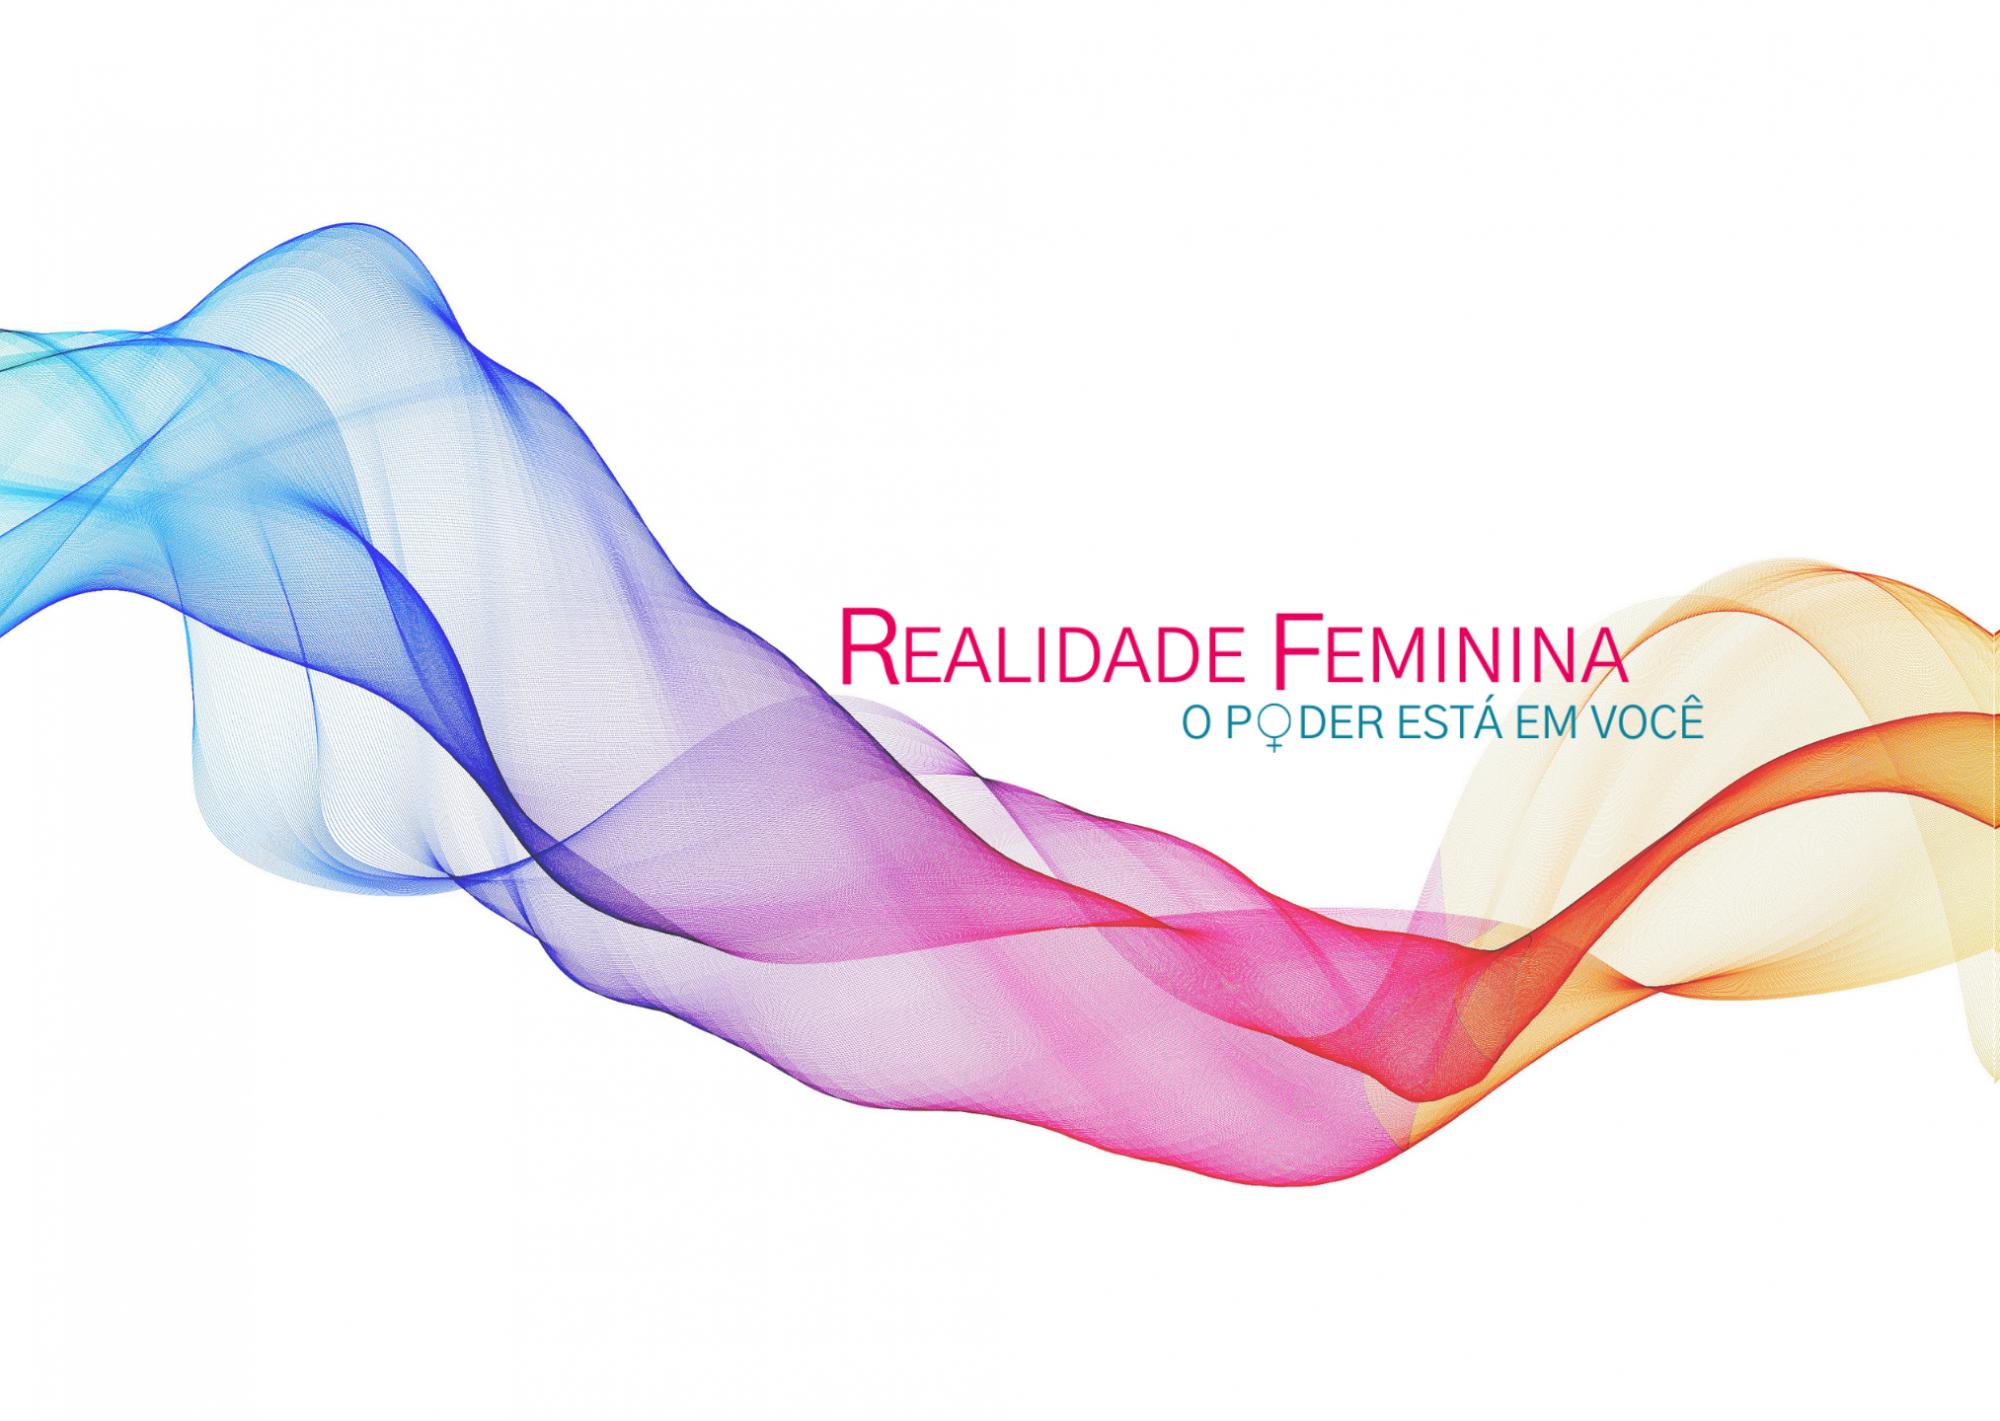 Realidade Feminina